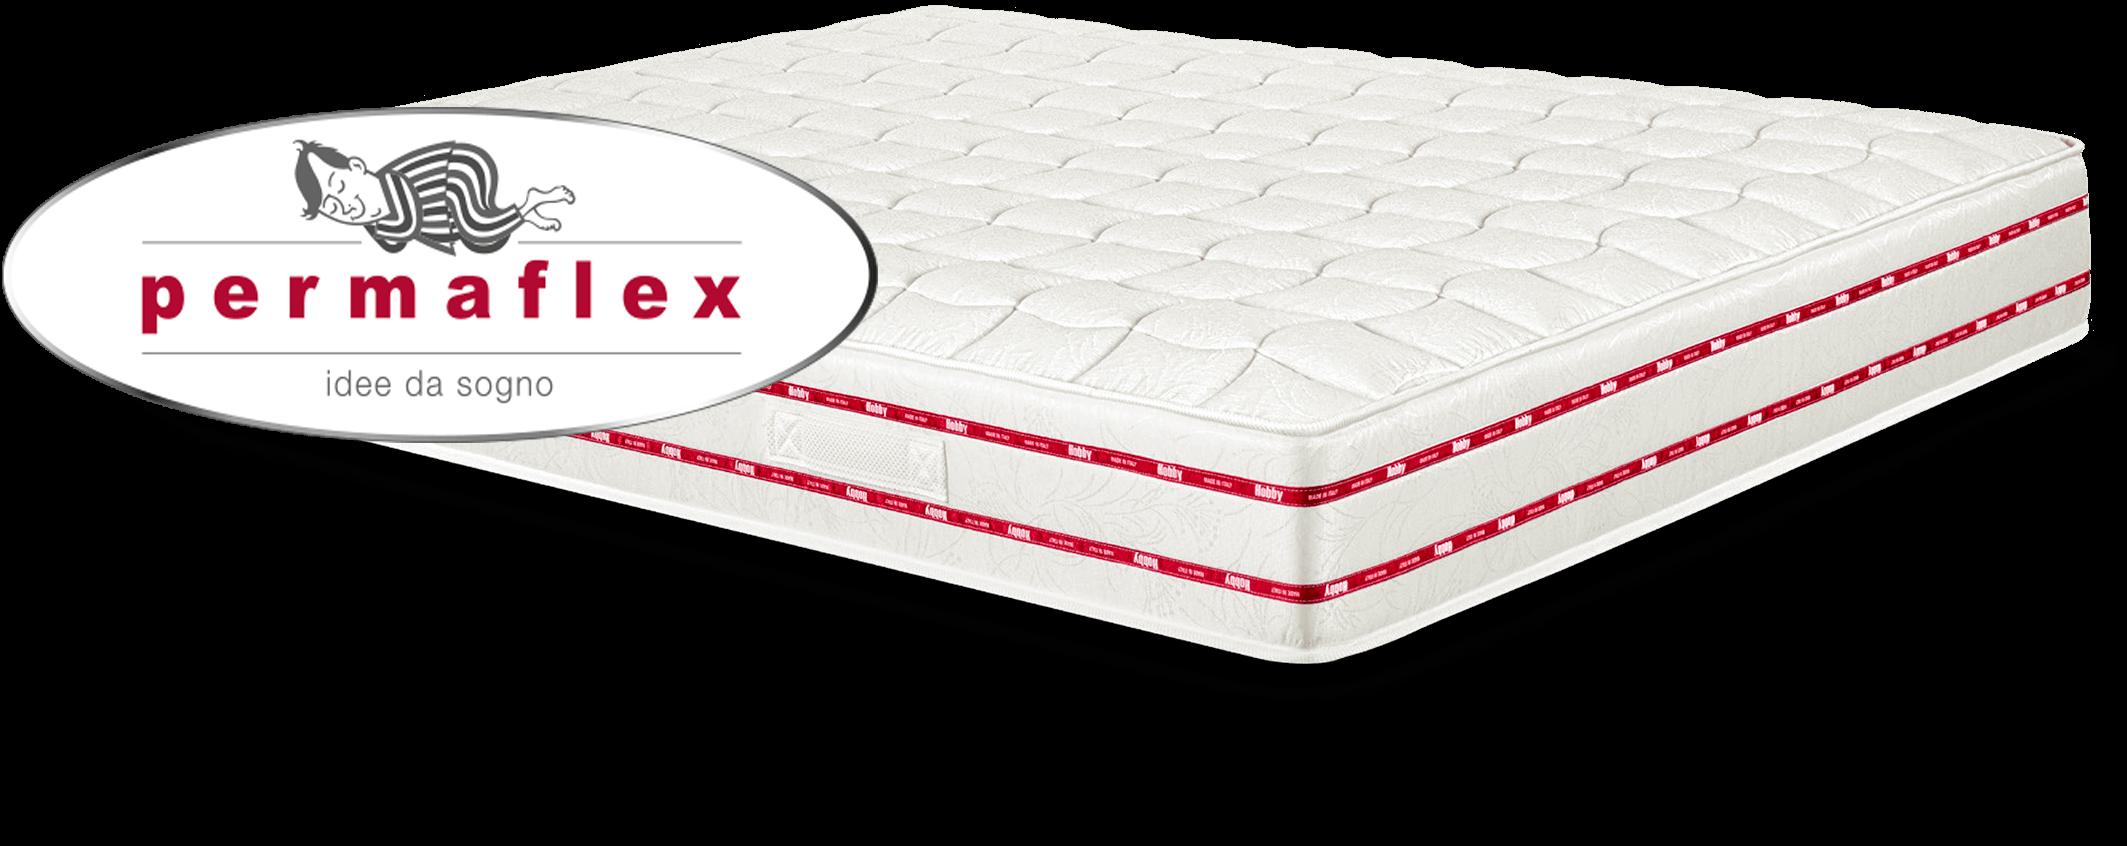 Materassi Memory Foam Permaflex Prezzi.Sconto Del 50 Sui Materassi Permaflex